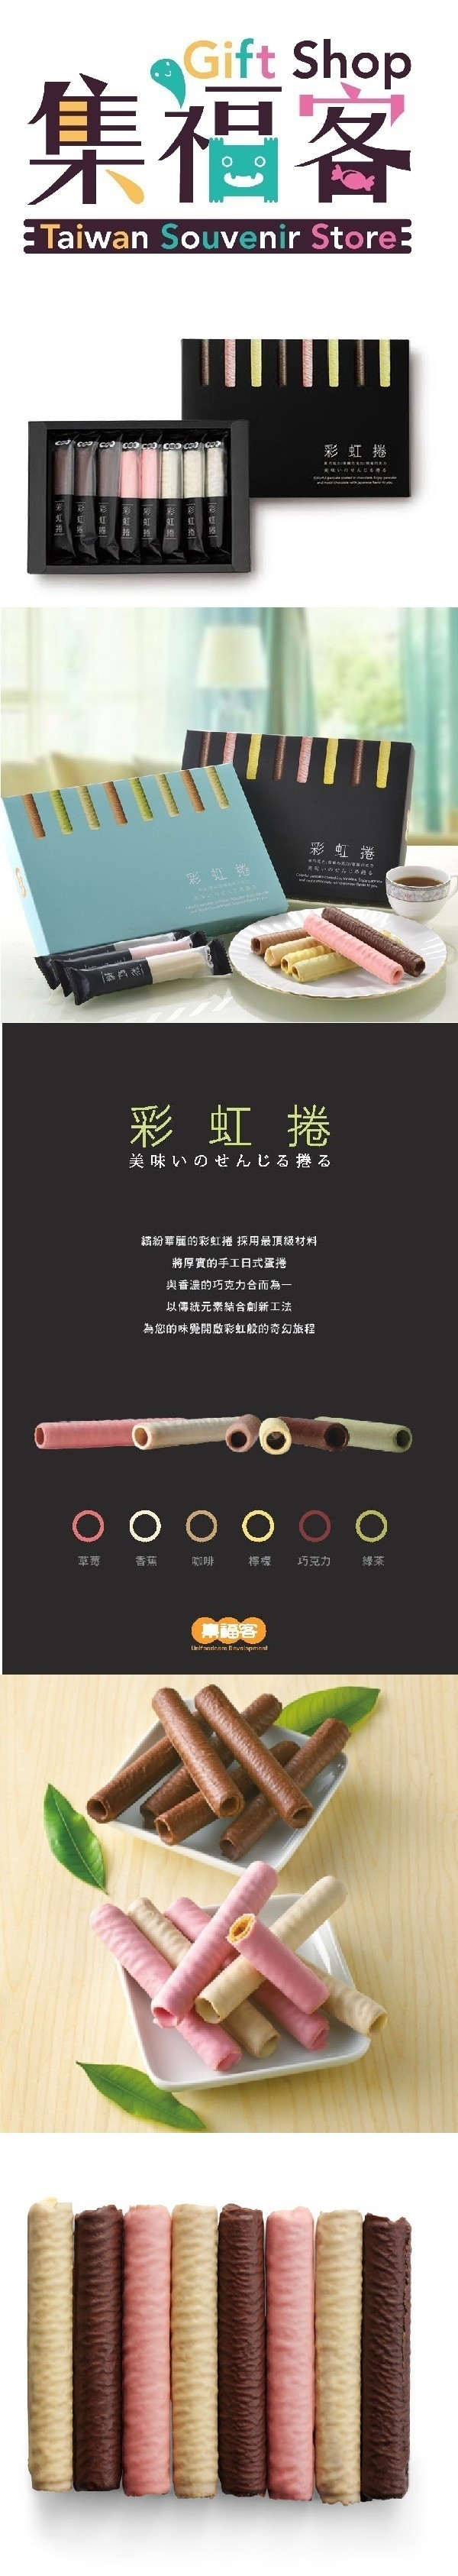 [台湾直邮] 集福客 彩虹卷 经典黑 112g 8入